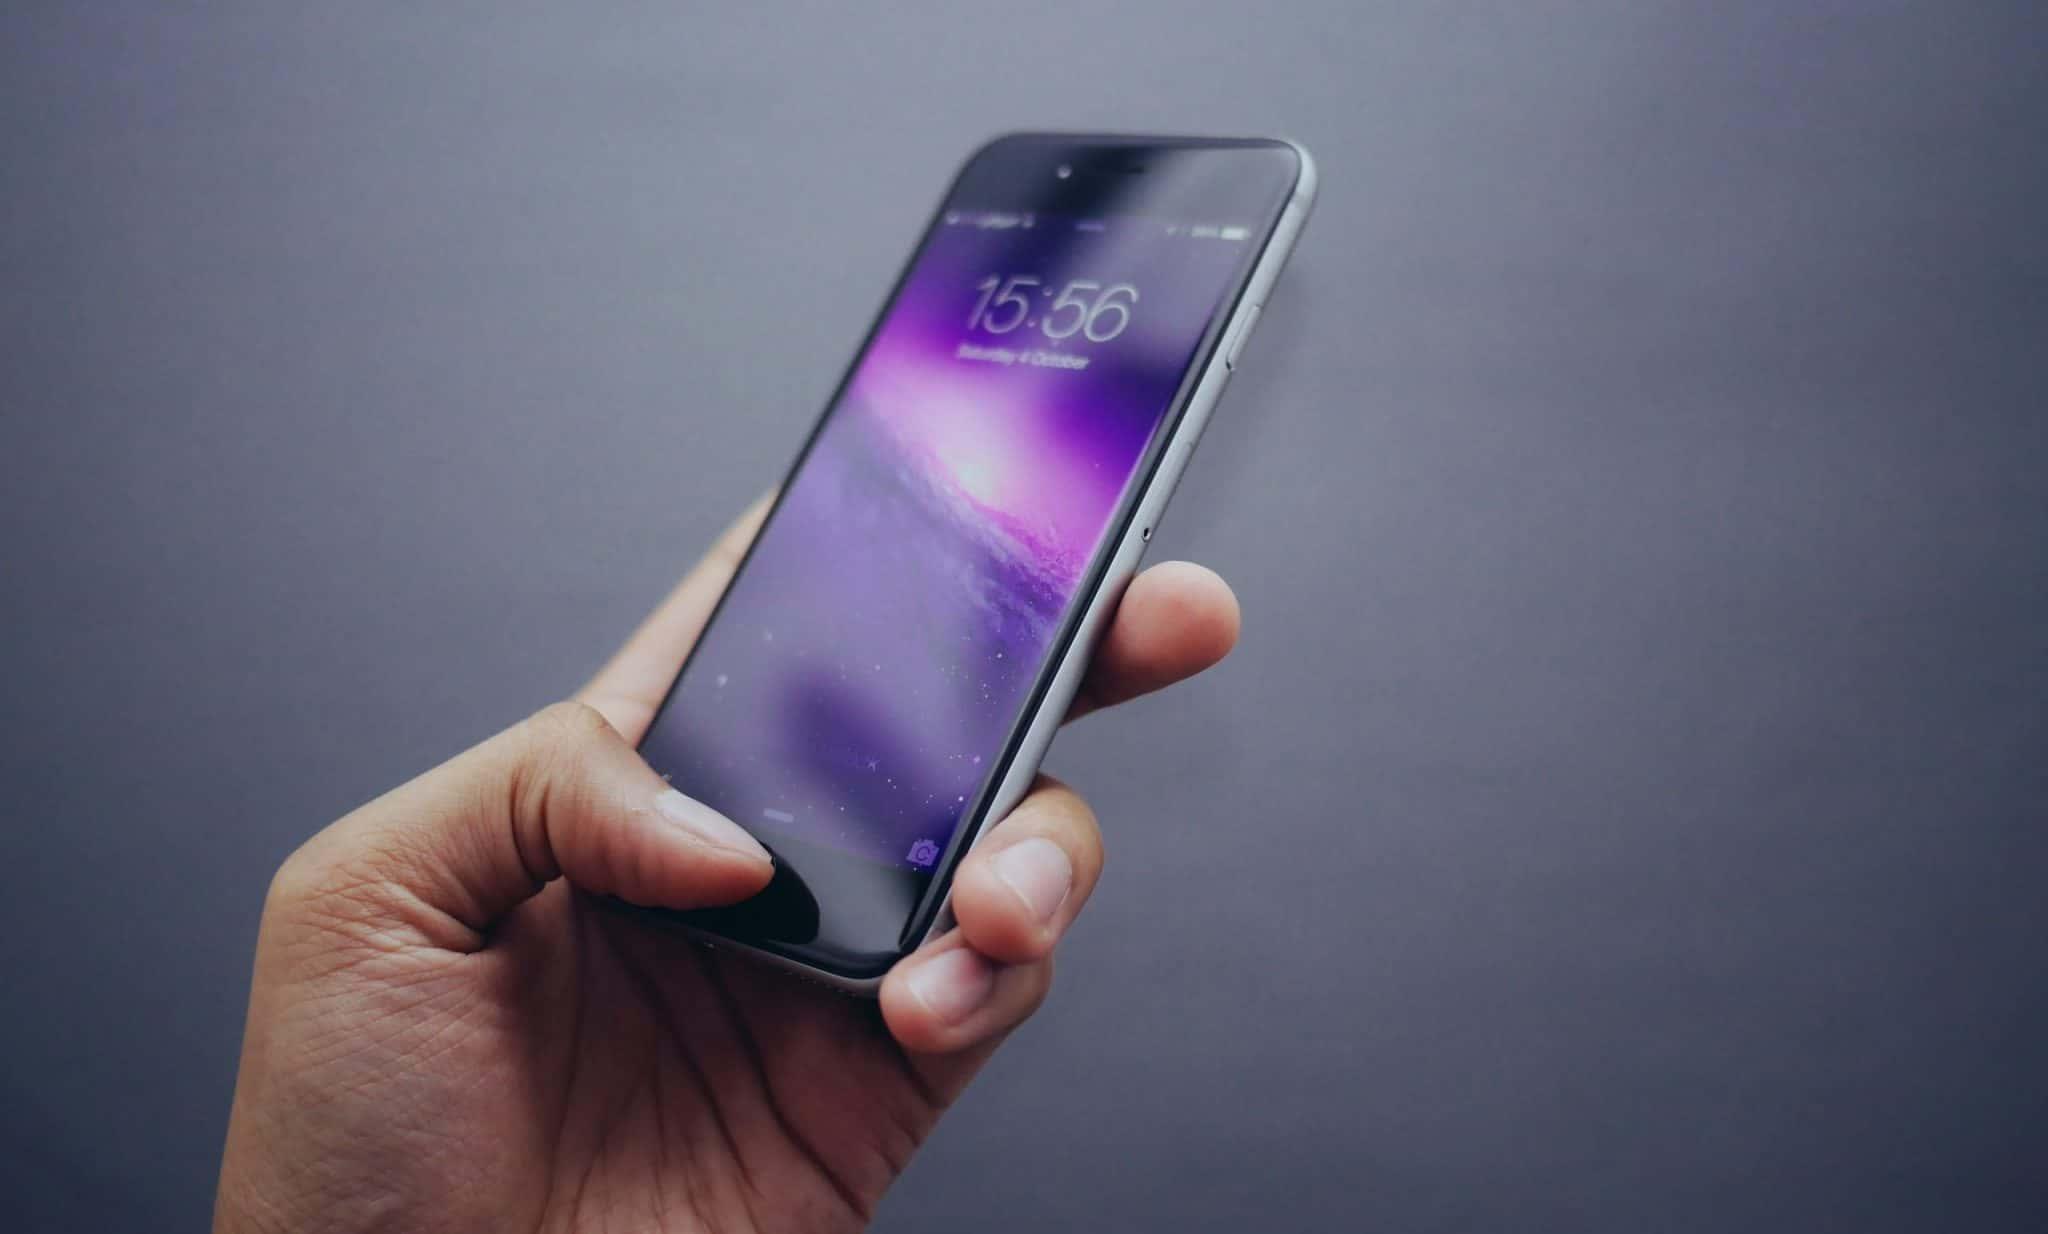 Des fonctionnalités d'iOS pour mieux concilier vie professionnelle et vie privée